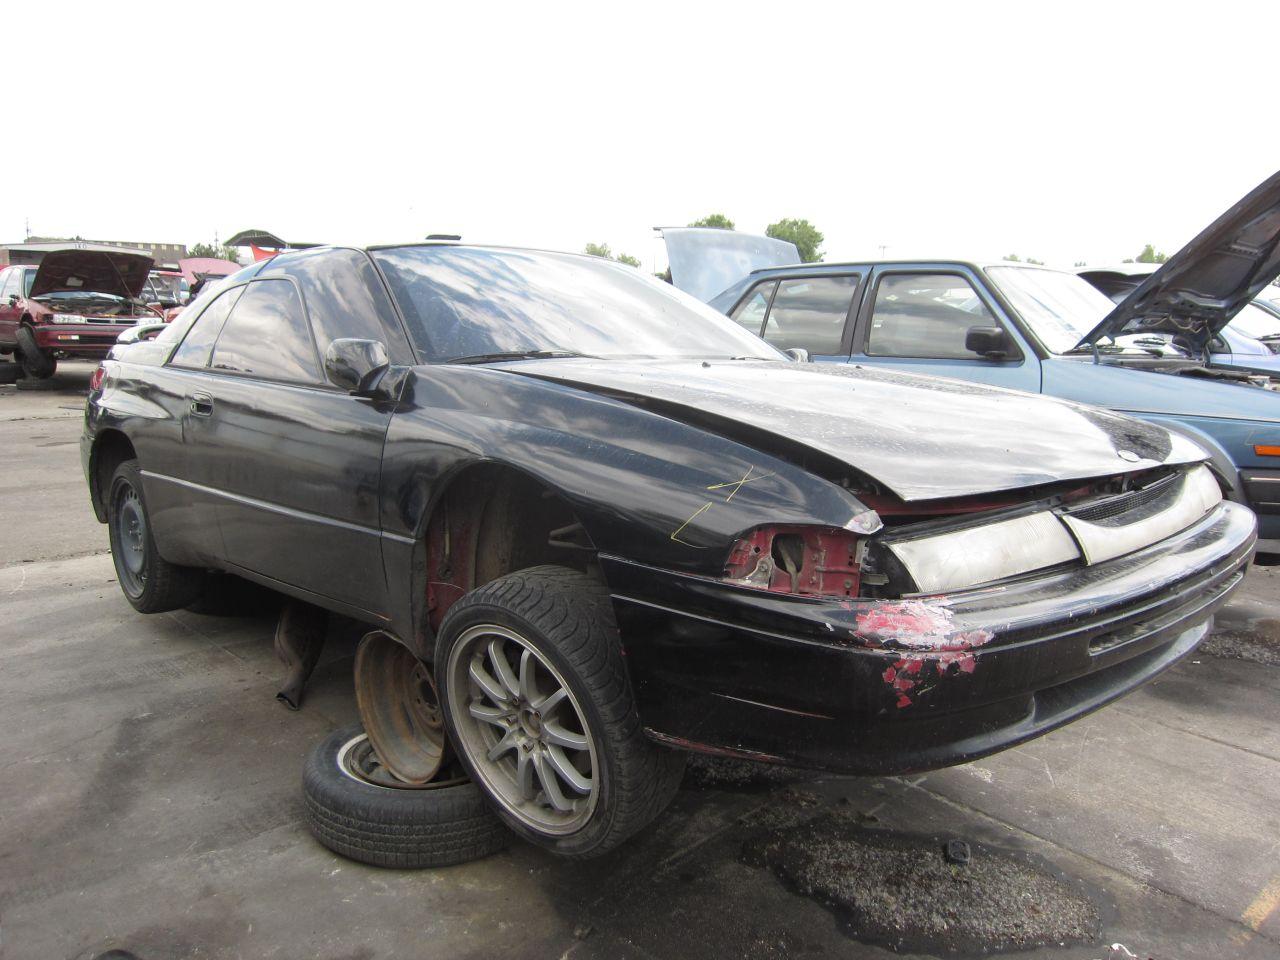 1993 Subaru SVX #3 Subaru SVX #3